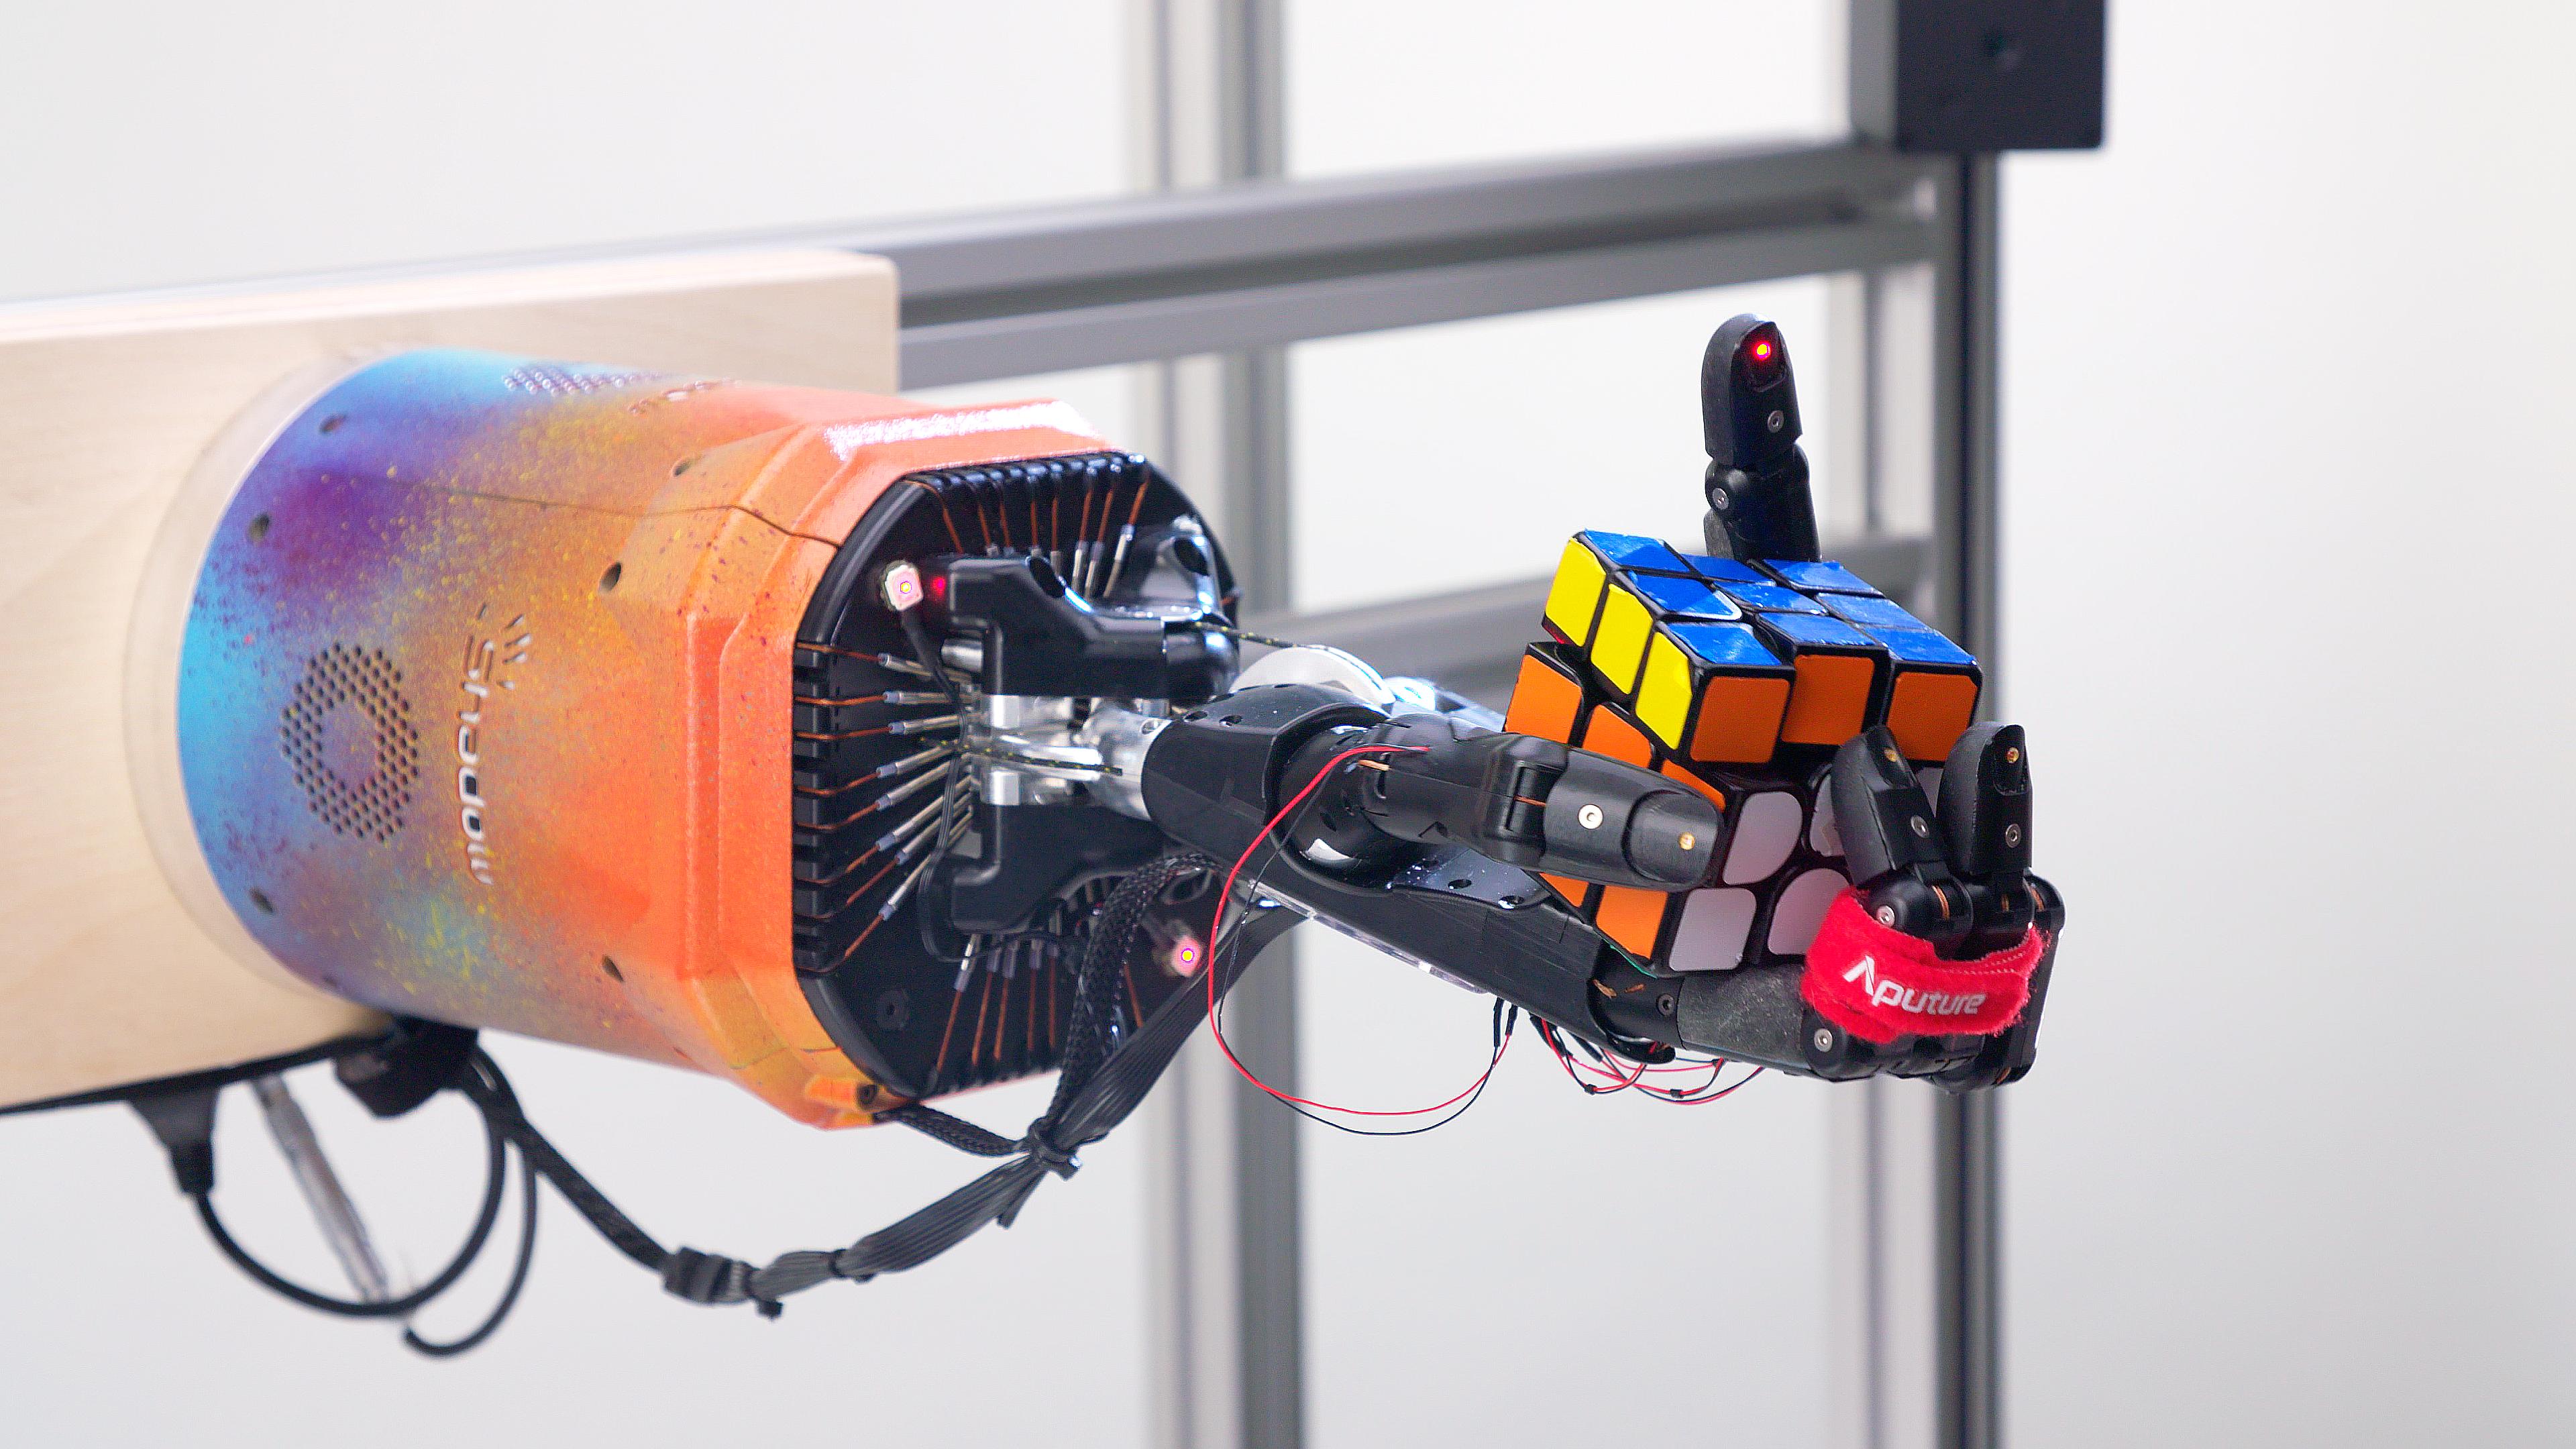 Durante las pruebas, Dactyl resolvió con éxito el Rubik